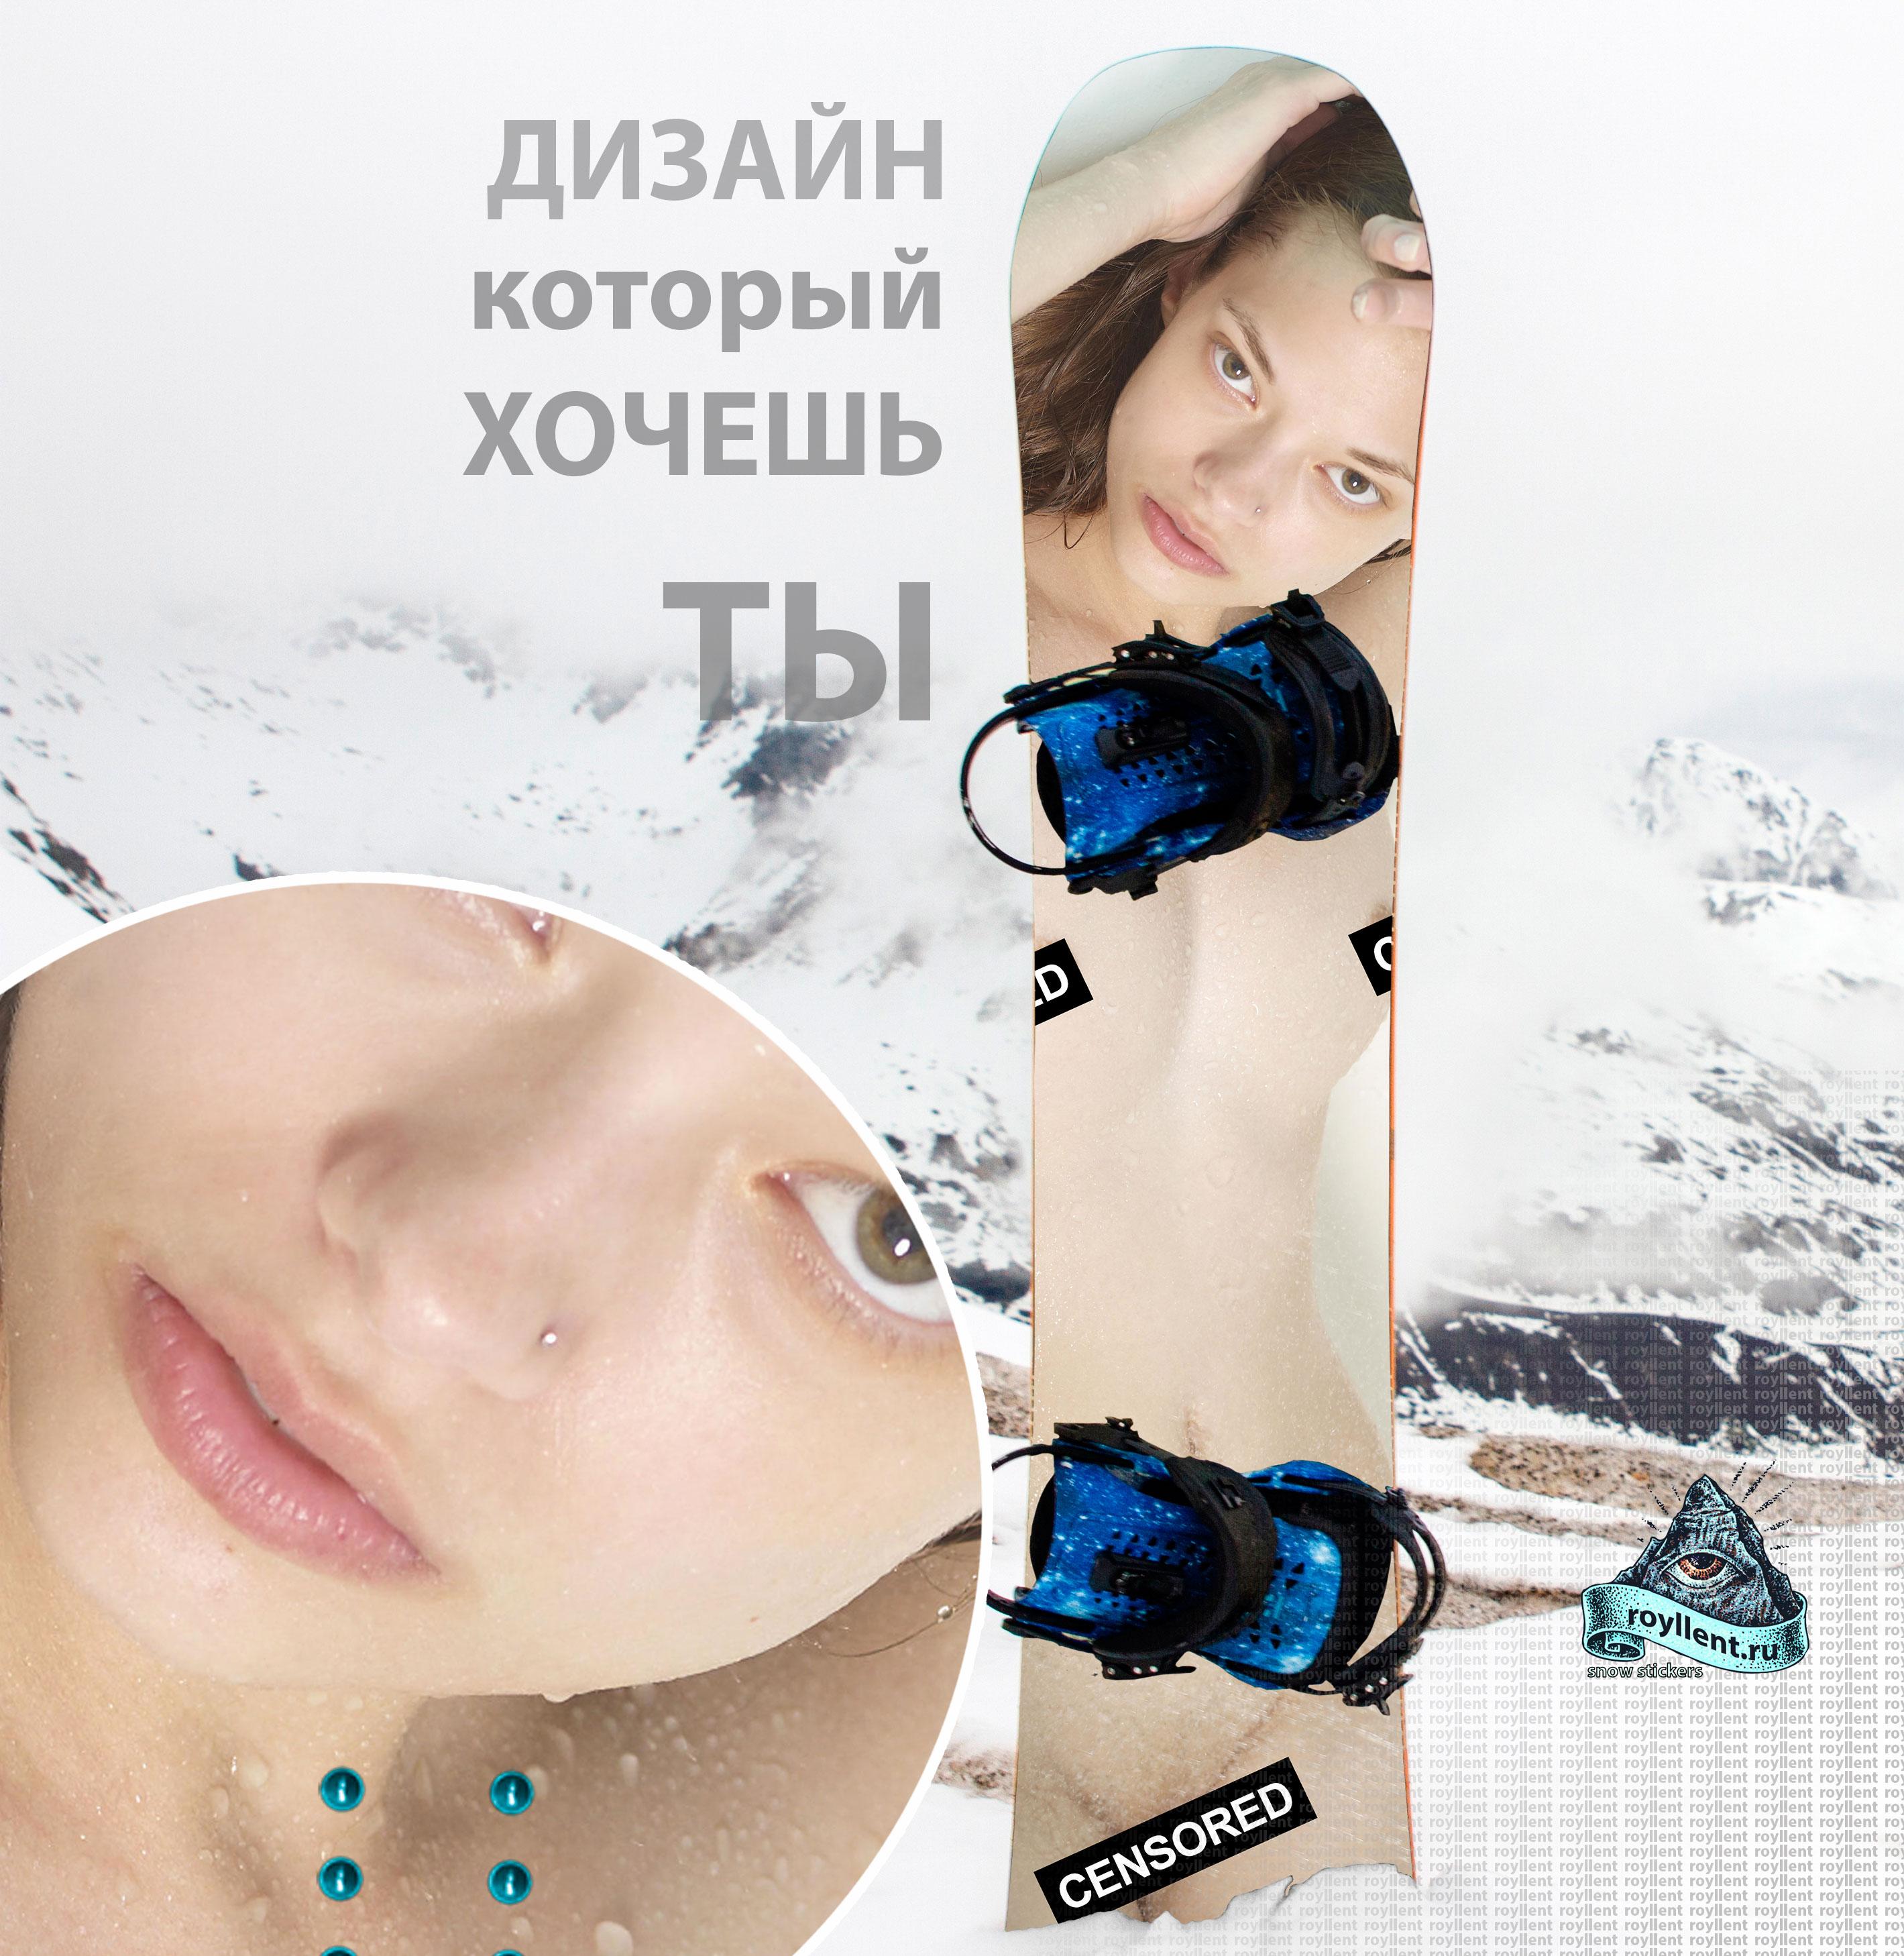 Купить эротическую наклейку на сноуборд с девушкой girl in the bathroom